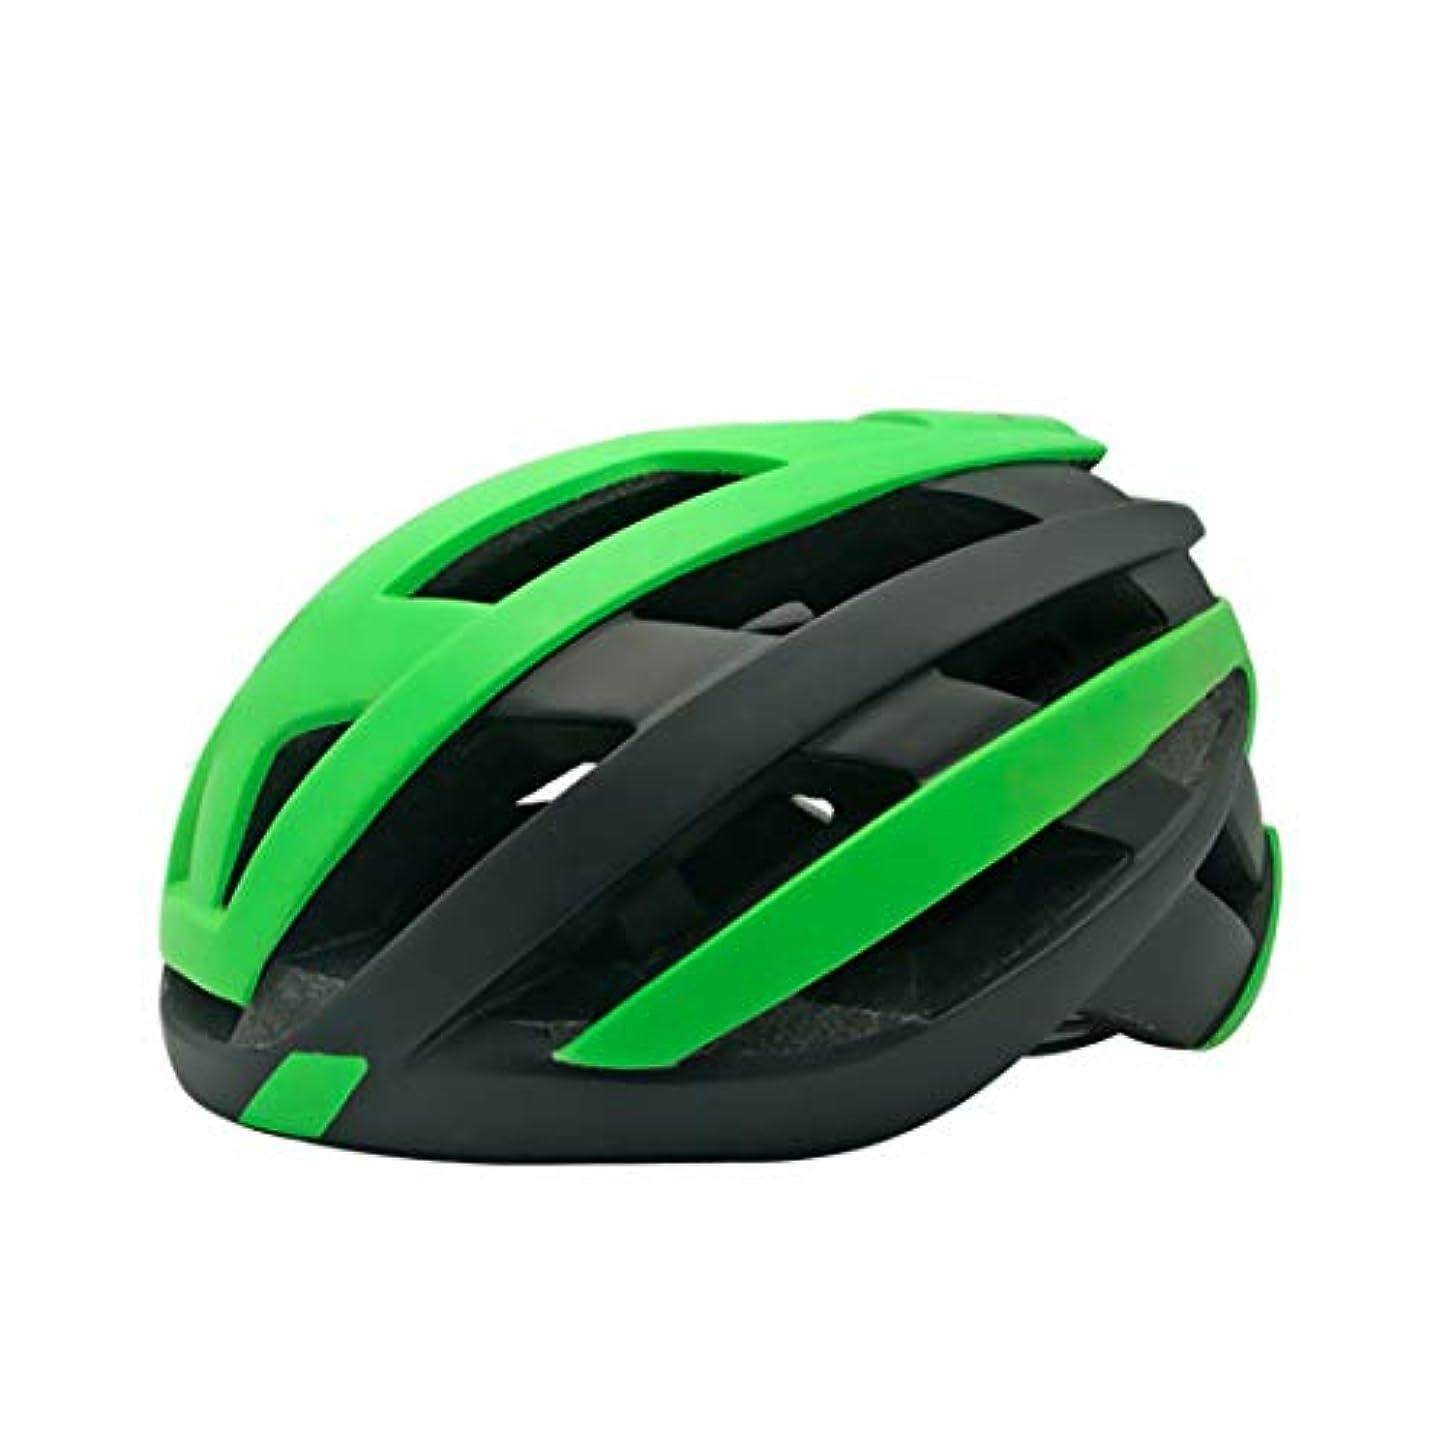 奨励します収まるシリーズCAFUTY 屋外ライディングヘルメット、ポータブル安全ヘルメット、適用範囲:屋外サイクリング愛好家向けアダルト (Color : オレンジ, サイズ : L)